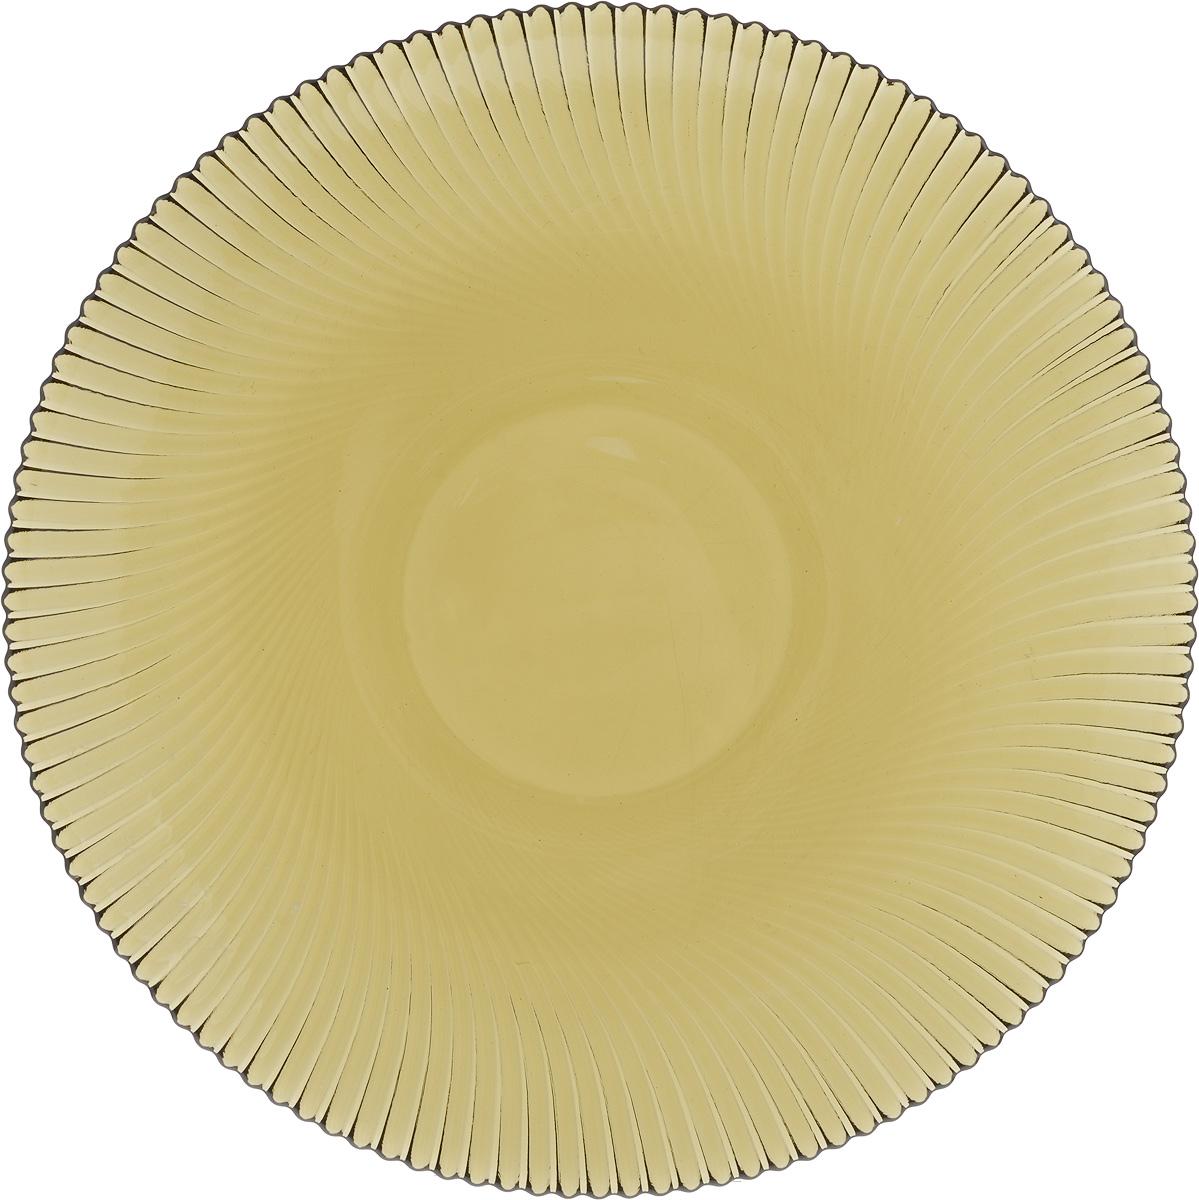 Тарелка NiNaGlass Альтера, цвет: дымчатый, диаметр 26 см83-067-ф260 ДЫМТарелка NiNaGlass Альтера выполнена из высококачественного стекла и оформлена красивым рельефным узором. Тарелка идеальна для подачи вторых блюд, а также сервировки закусок, нарезок, десертов и многого другого. Она отлично подойдет как для повседневных, так и для торжественных случаев.Такая тарелка прекрасно впишется в интерьер вашей кухни и станет достойным дополнением к кухонному инвентарю.